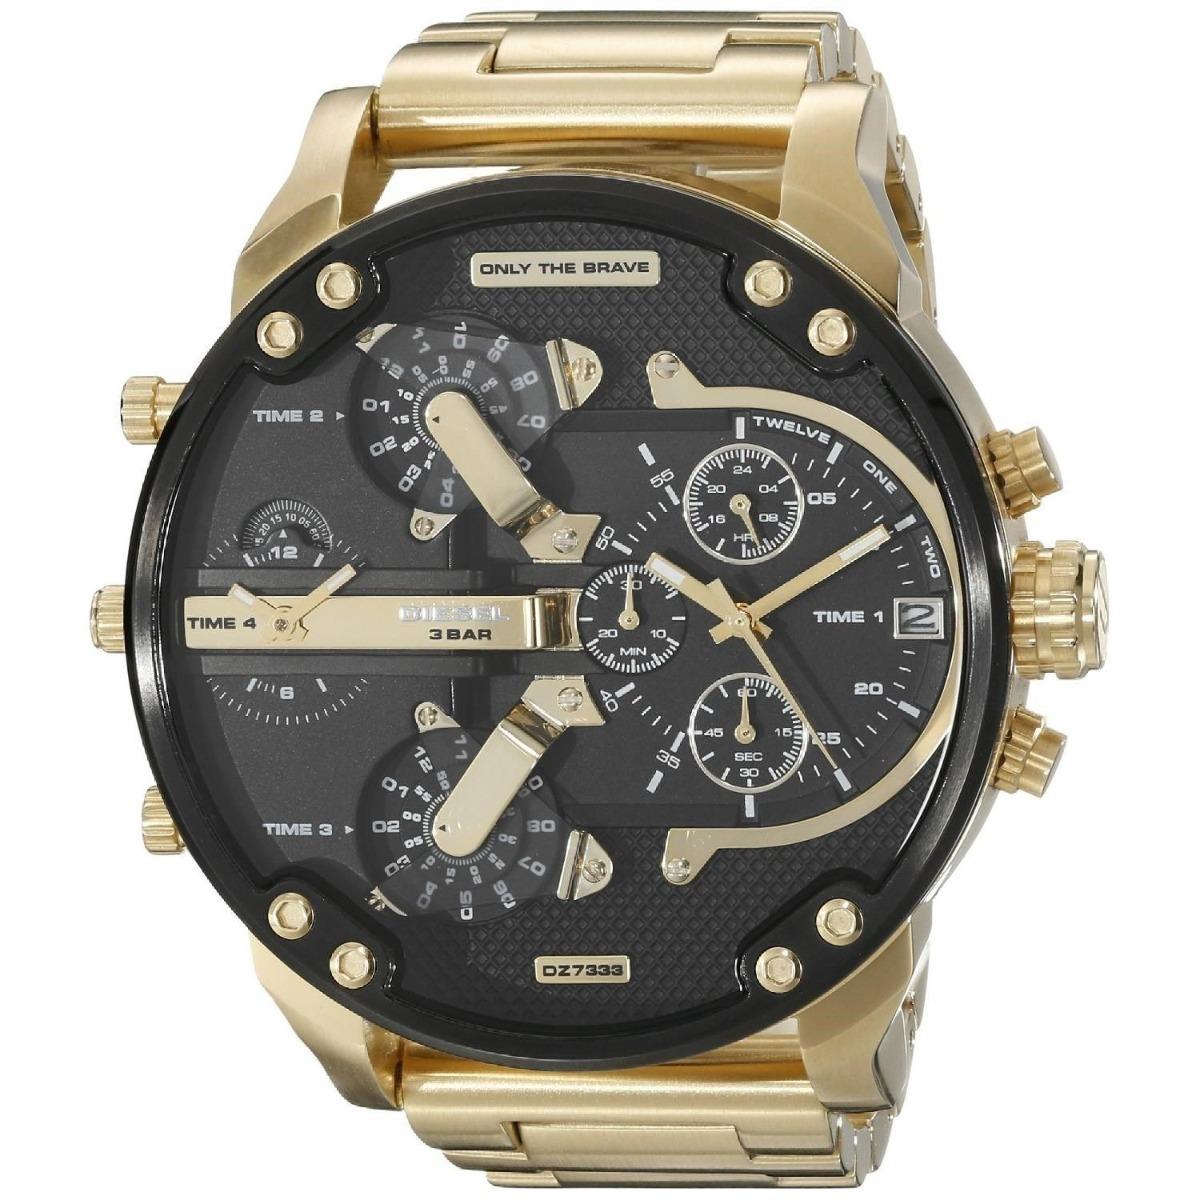 21c02a9a5173 Relojes Diesel Dz Precio Hombre Digital 10 Bar Dorado -   426.900 en ...